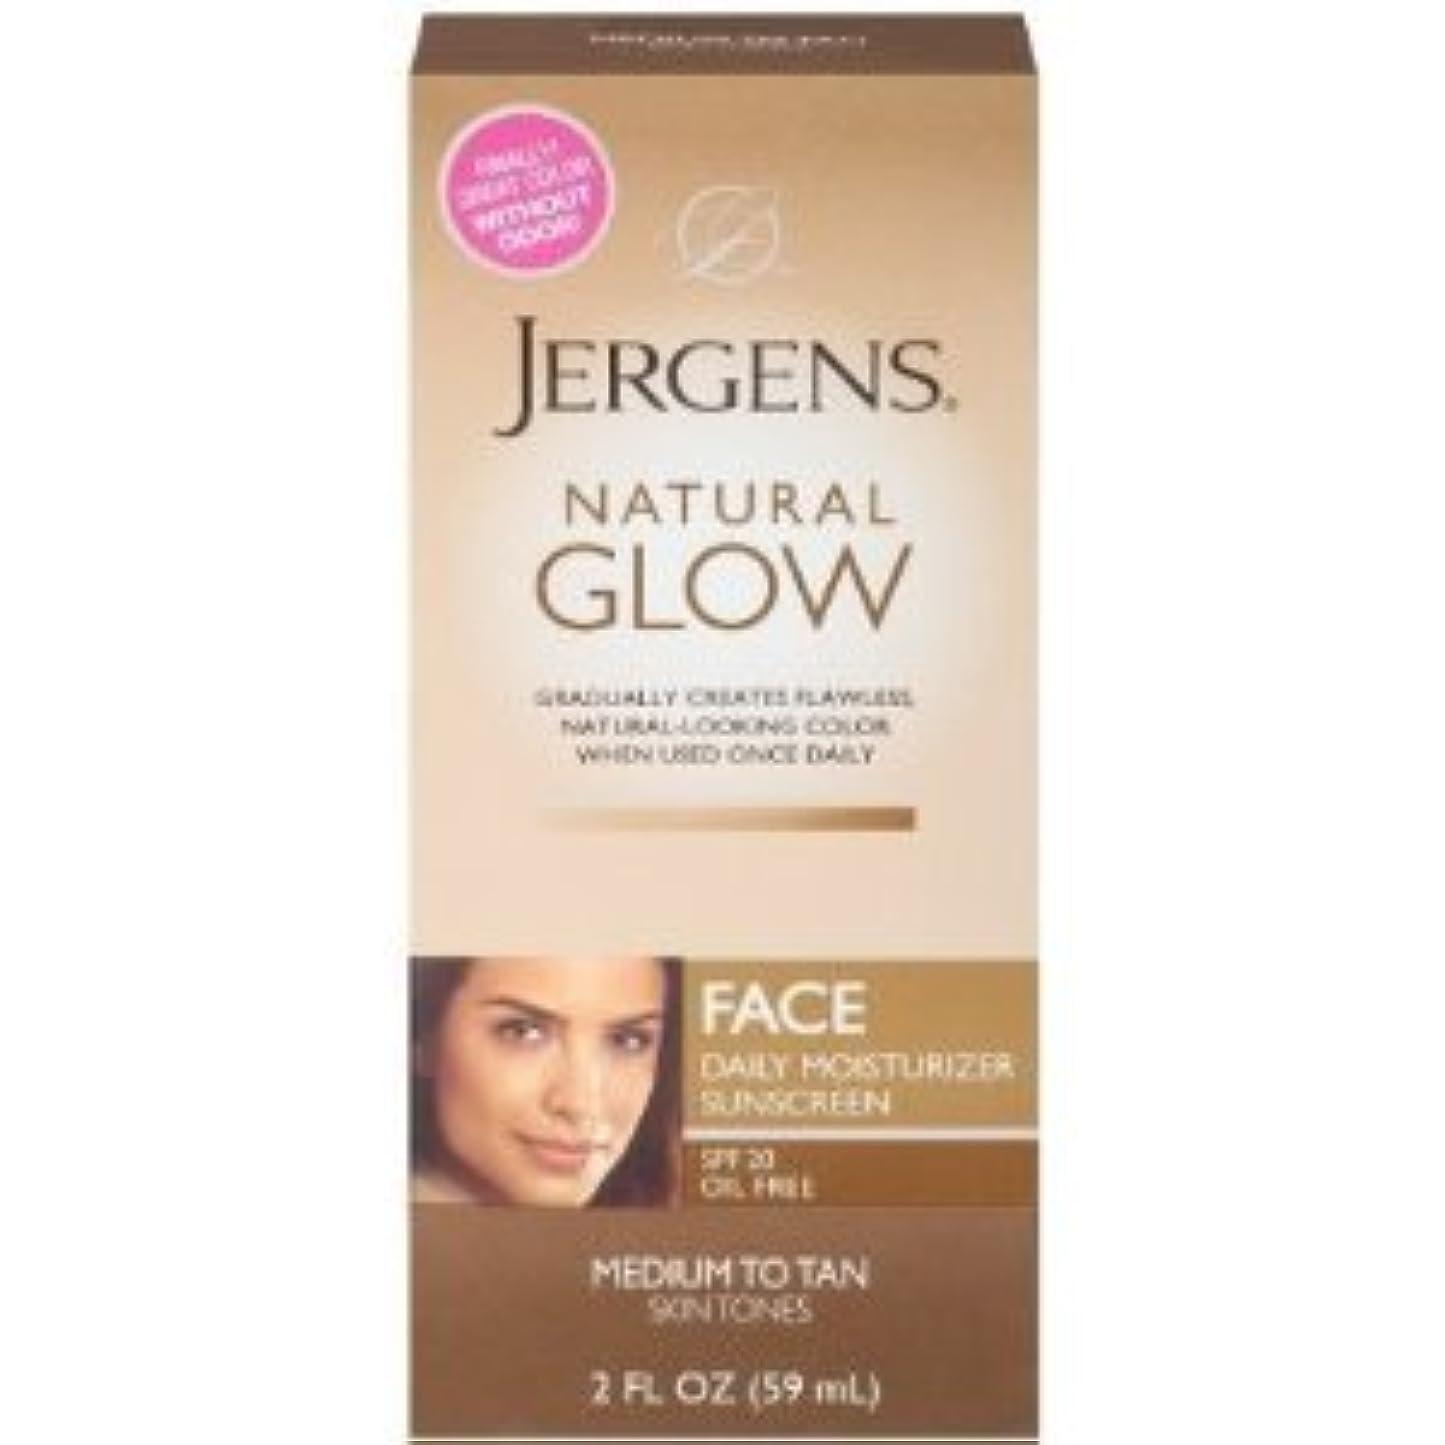 リズム名前で絶対のNatural Glow Healthy Complexion Daily Facial Moisturizer, SPF 20, Medium to Tan, (59ml) (海外直送品)